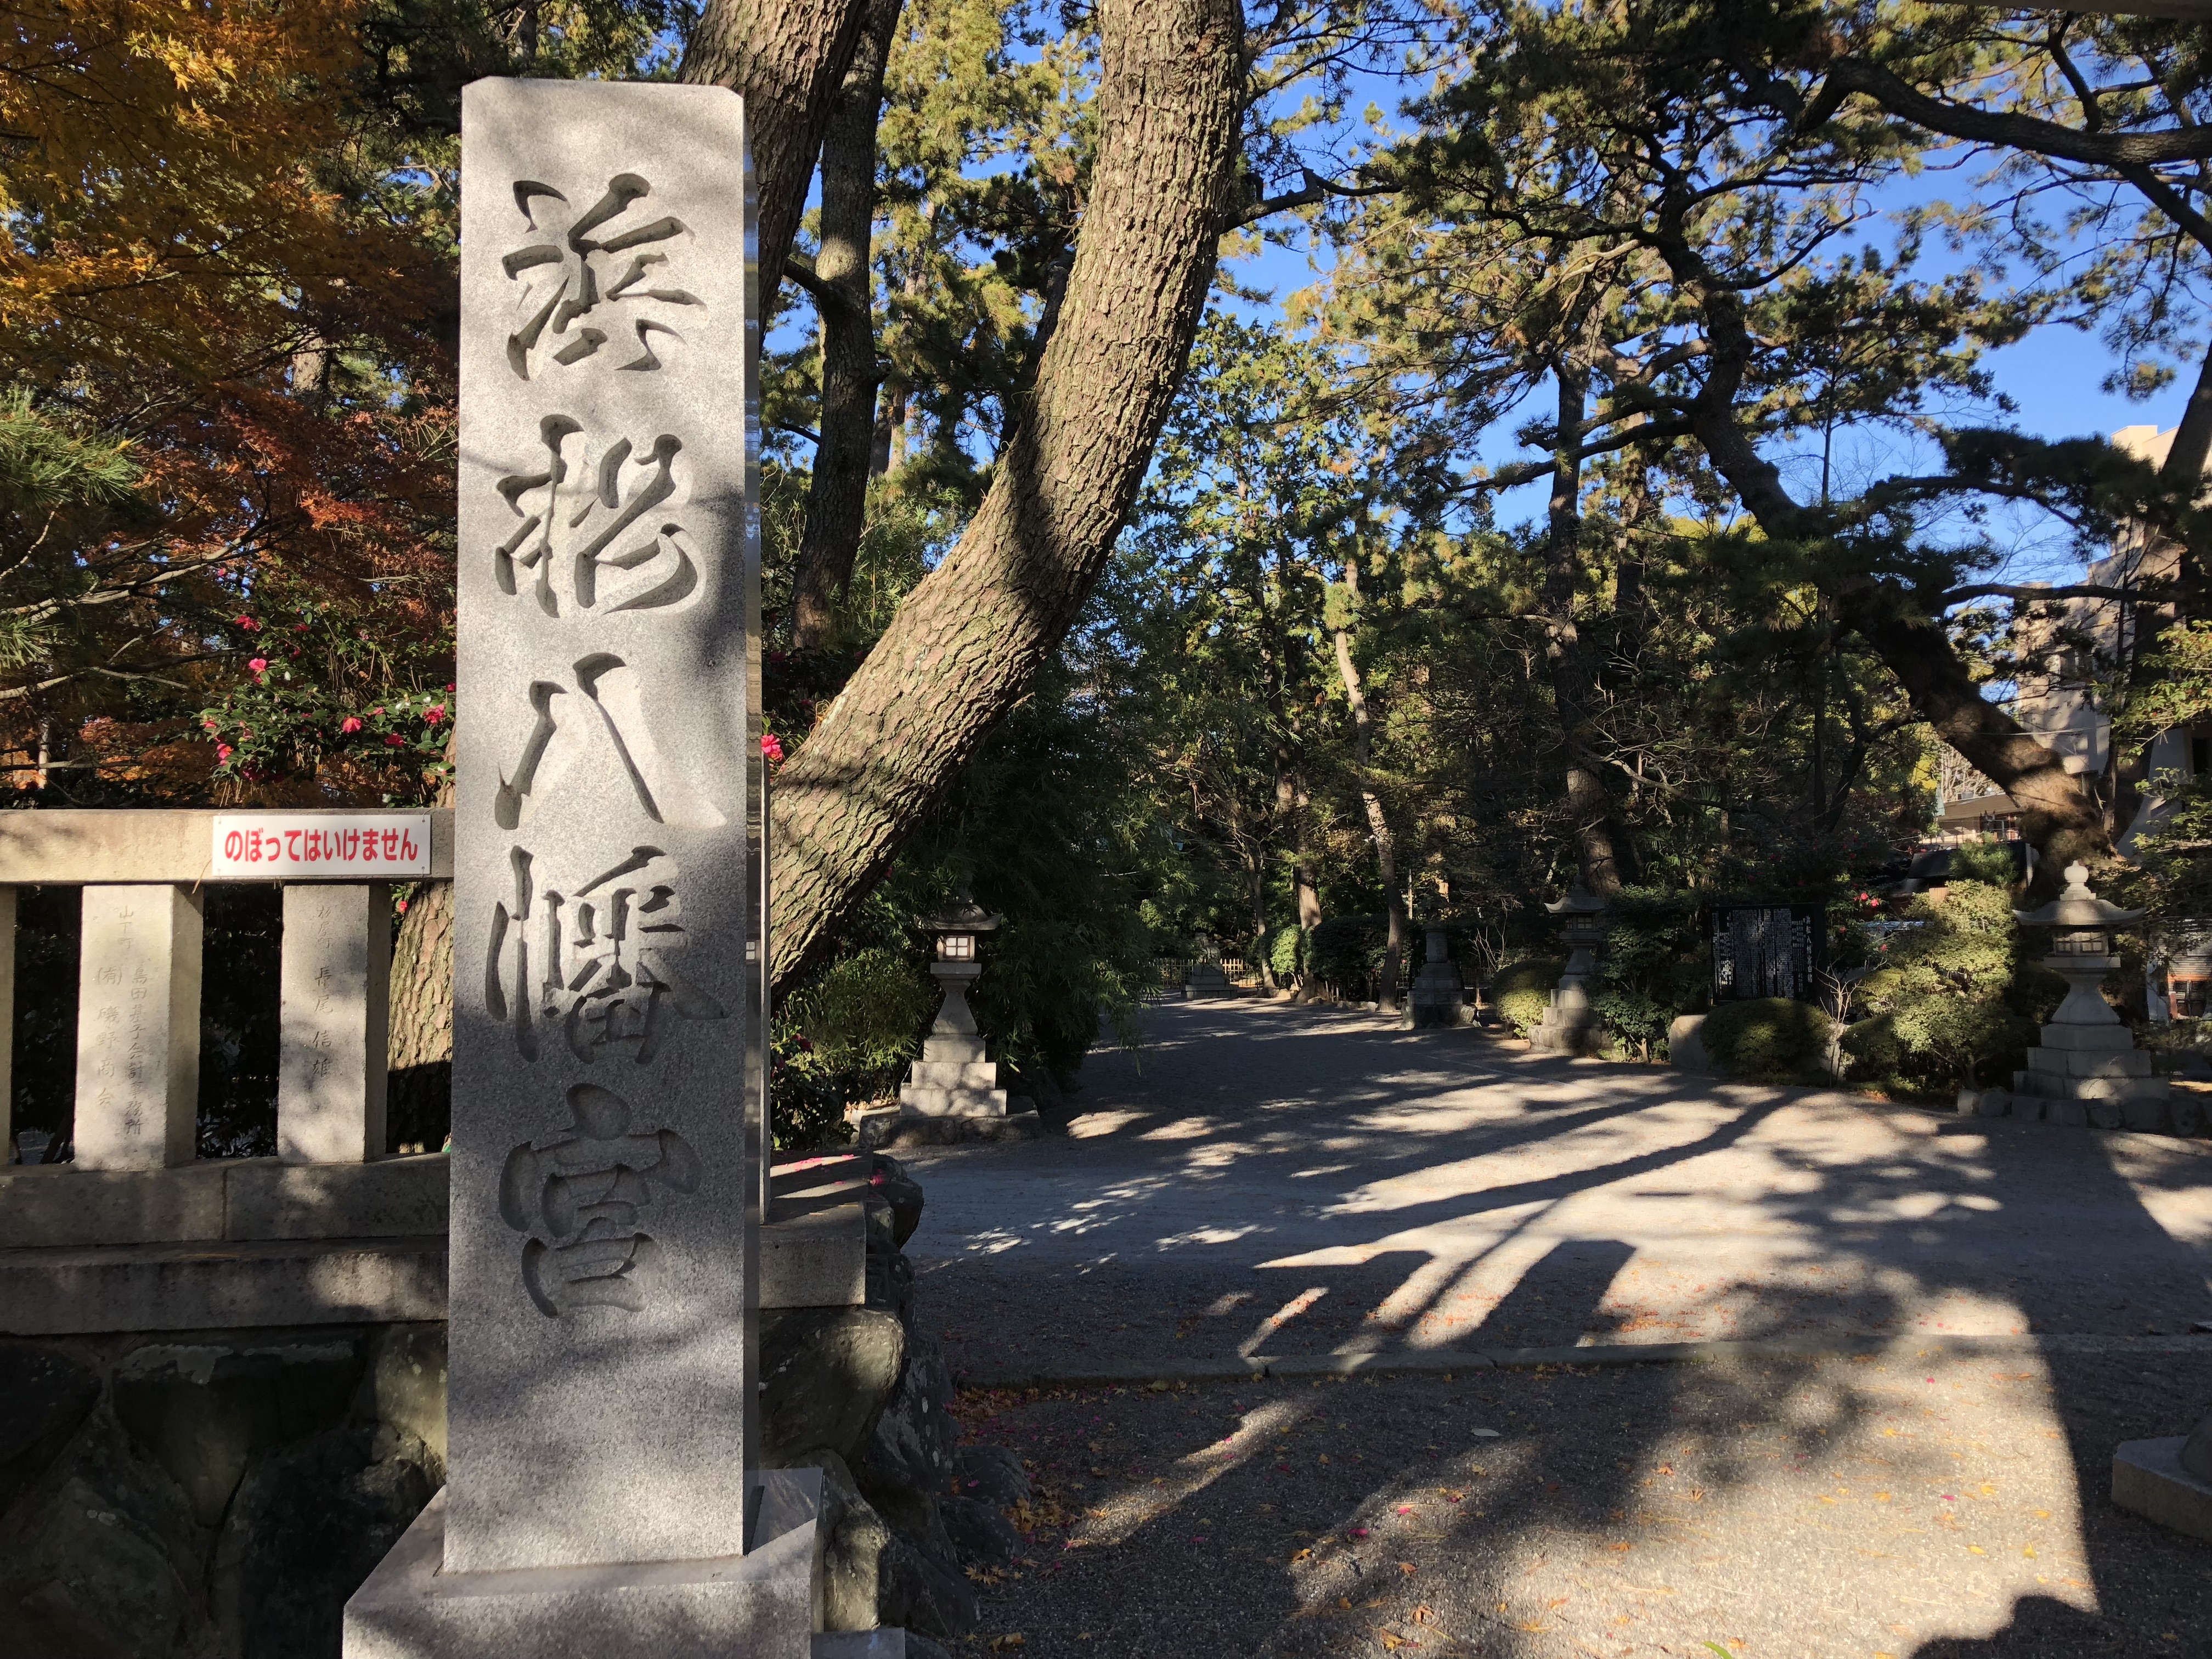 浜松八幡宮 雲立のクス 巨木